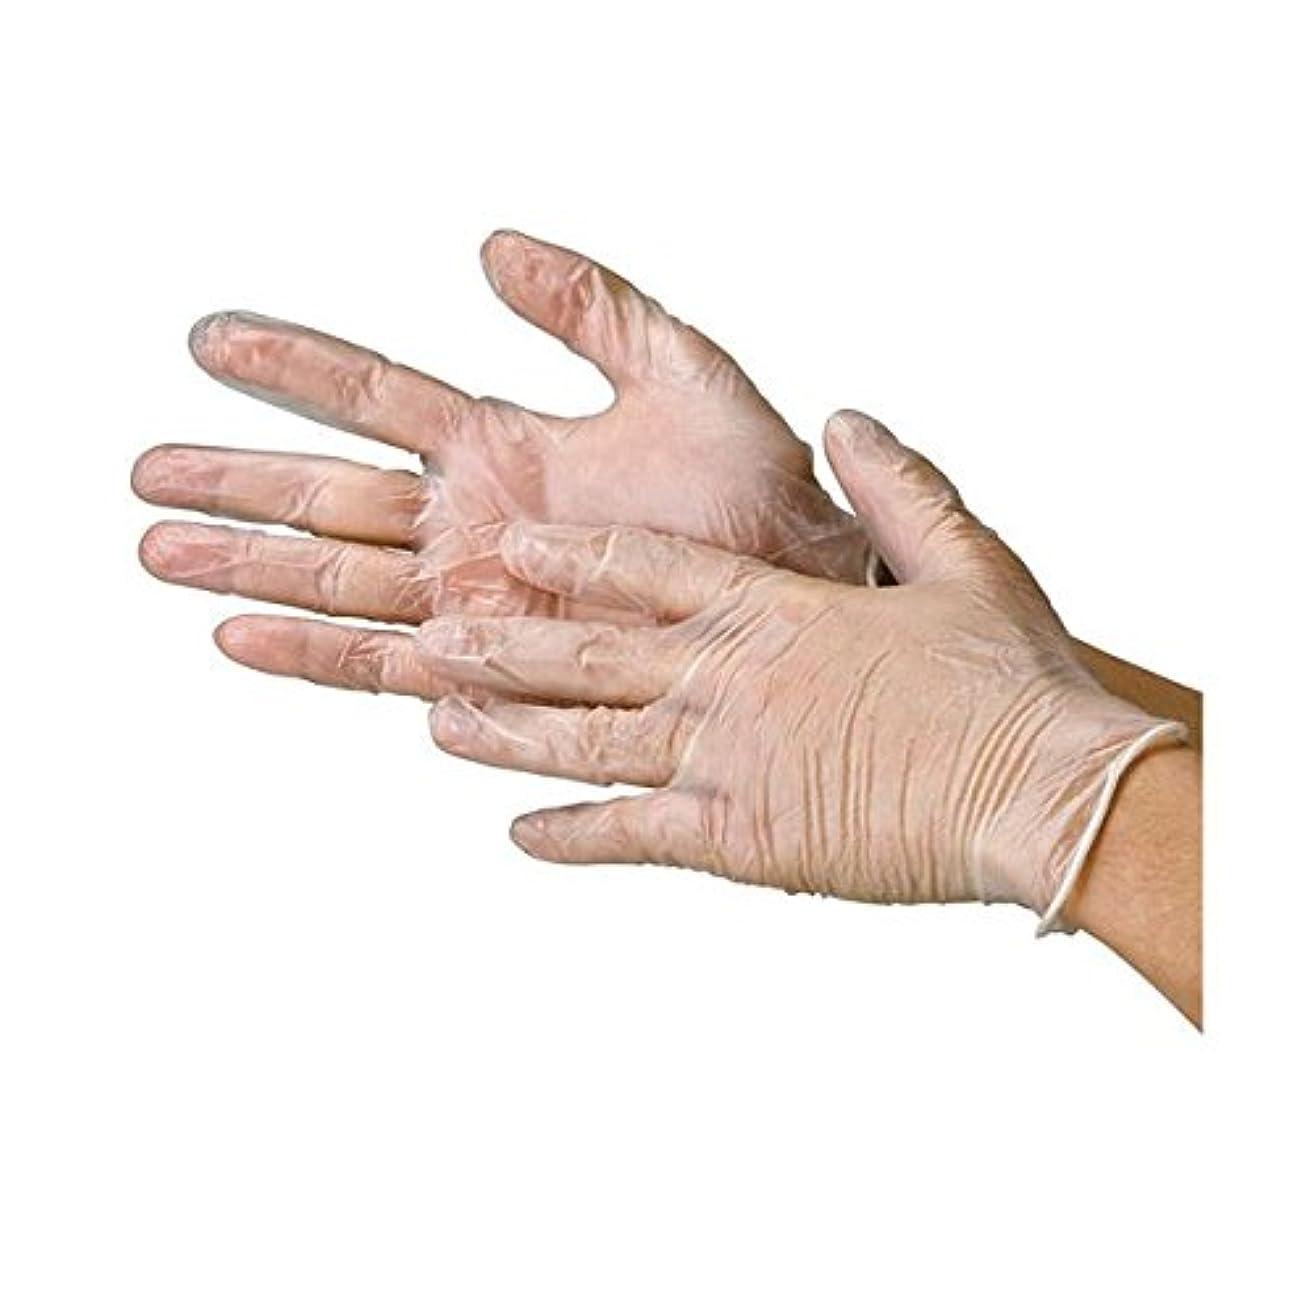 困惑したダイアクリティカルチート川西工業 ビニール極薄手袋 粉つき S 20袋 ds-1915764